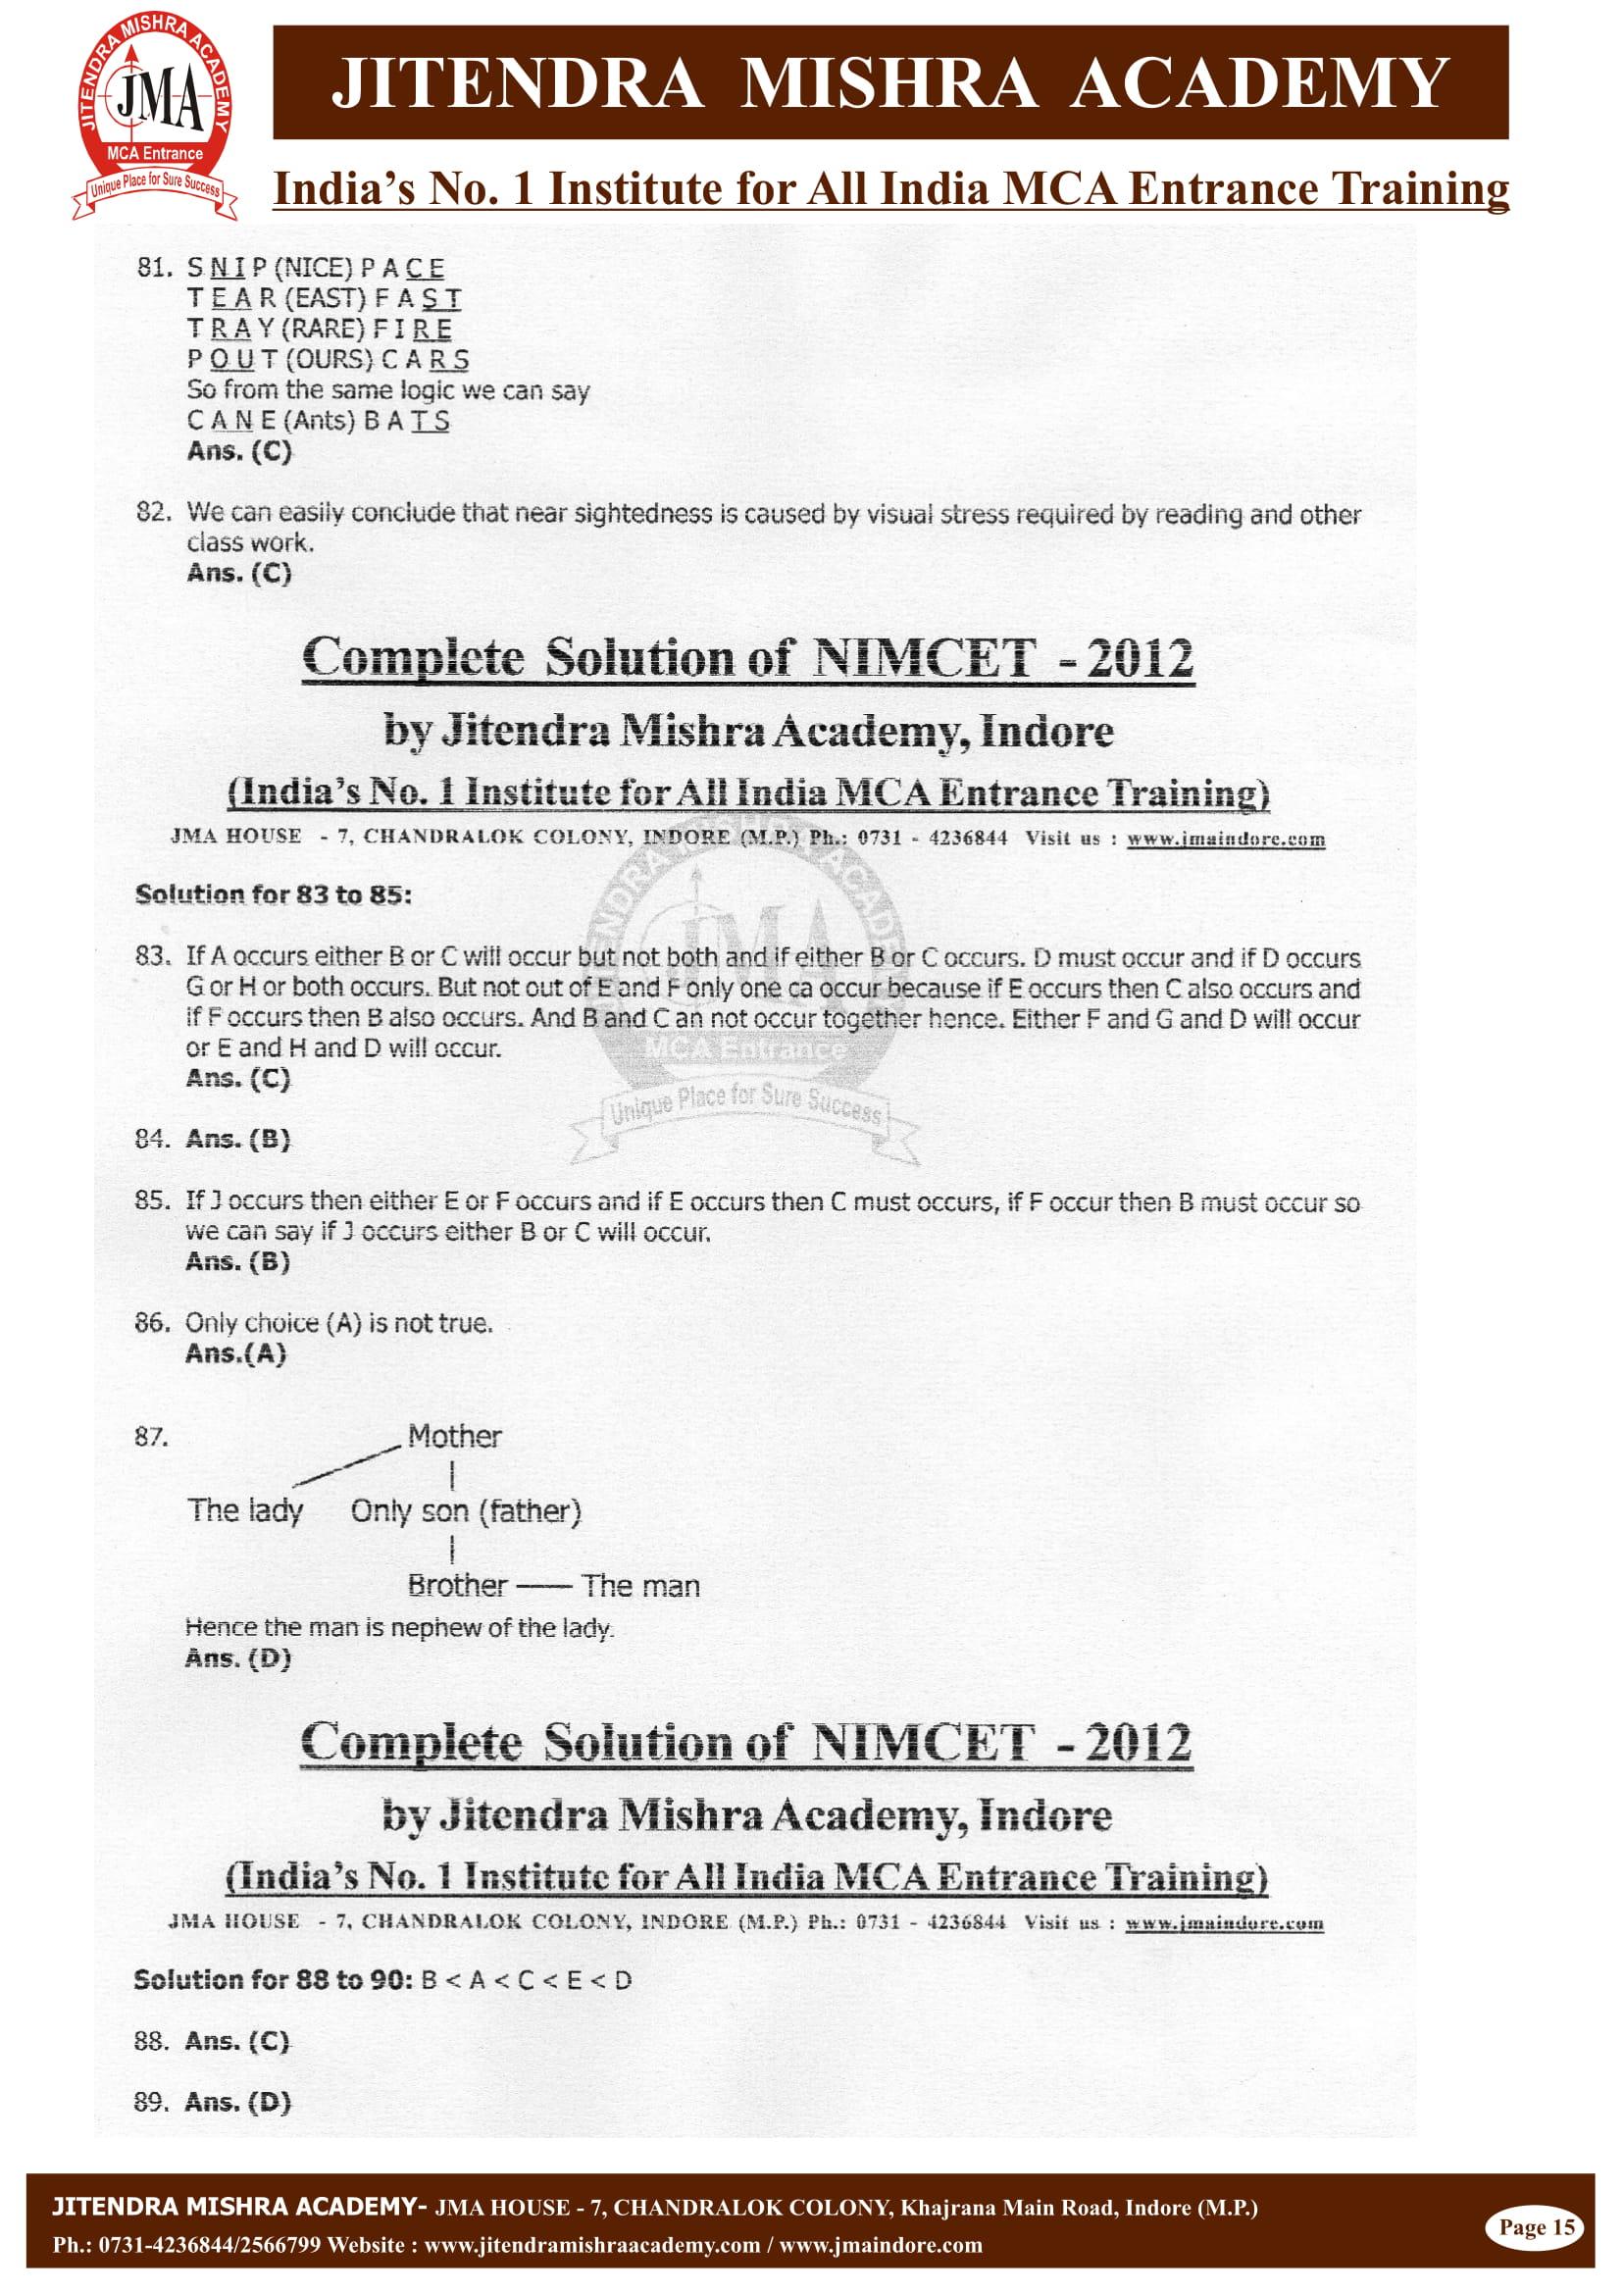 NIMCET - 2012 (SOLUTION)-15